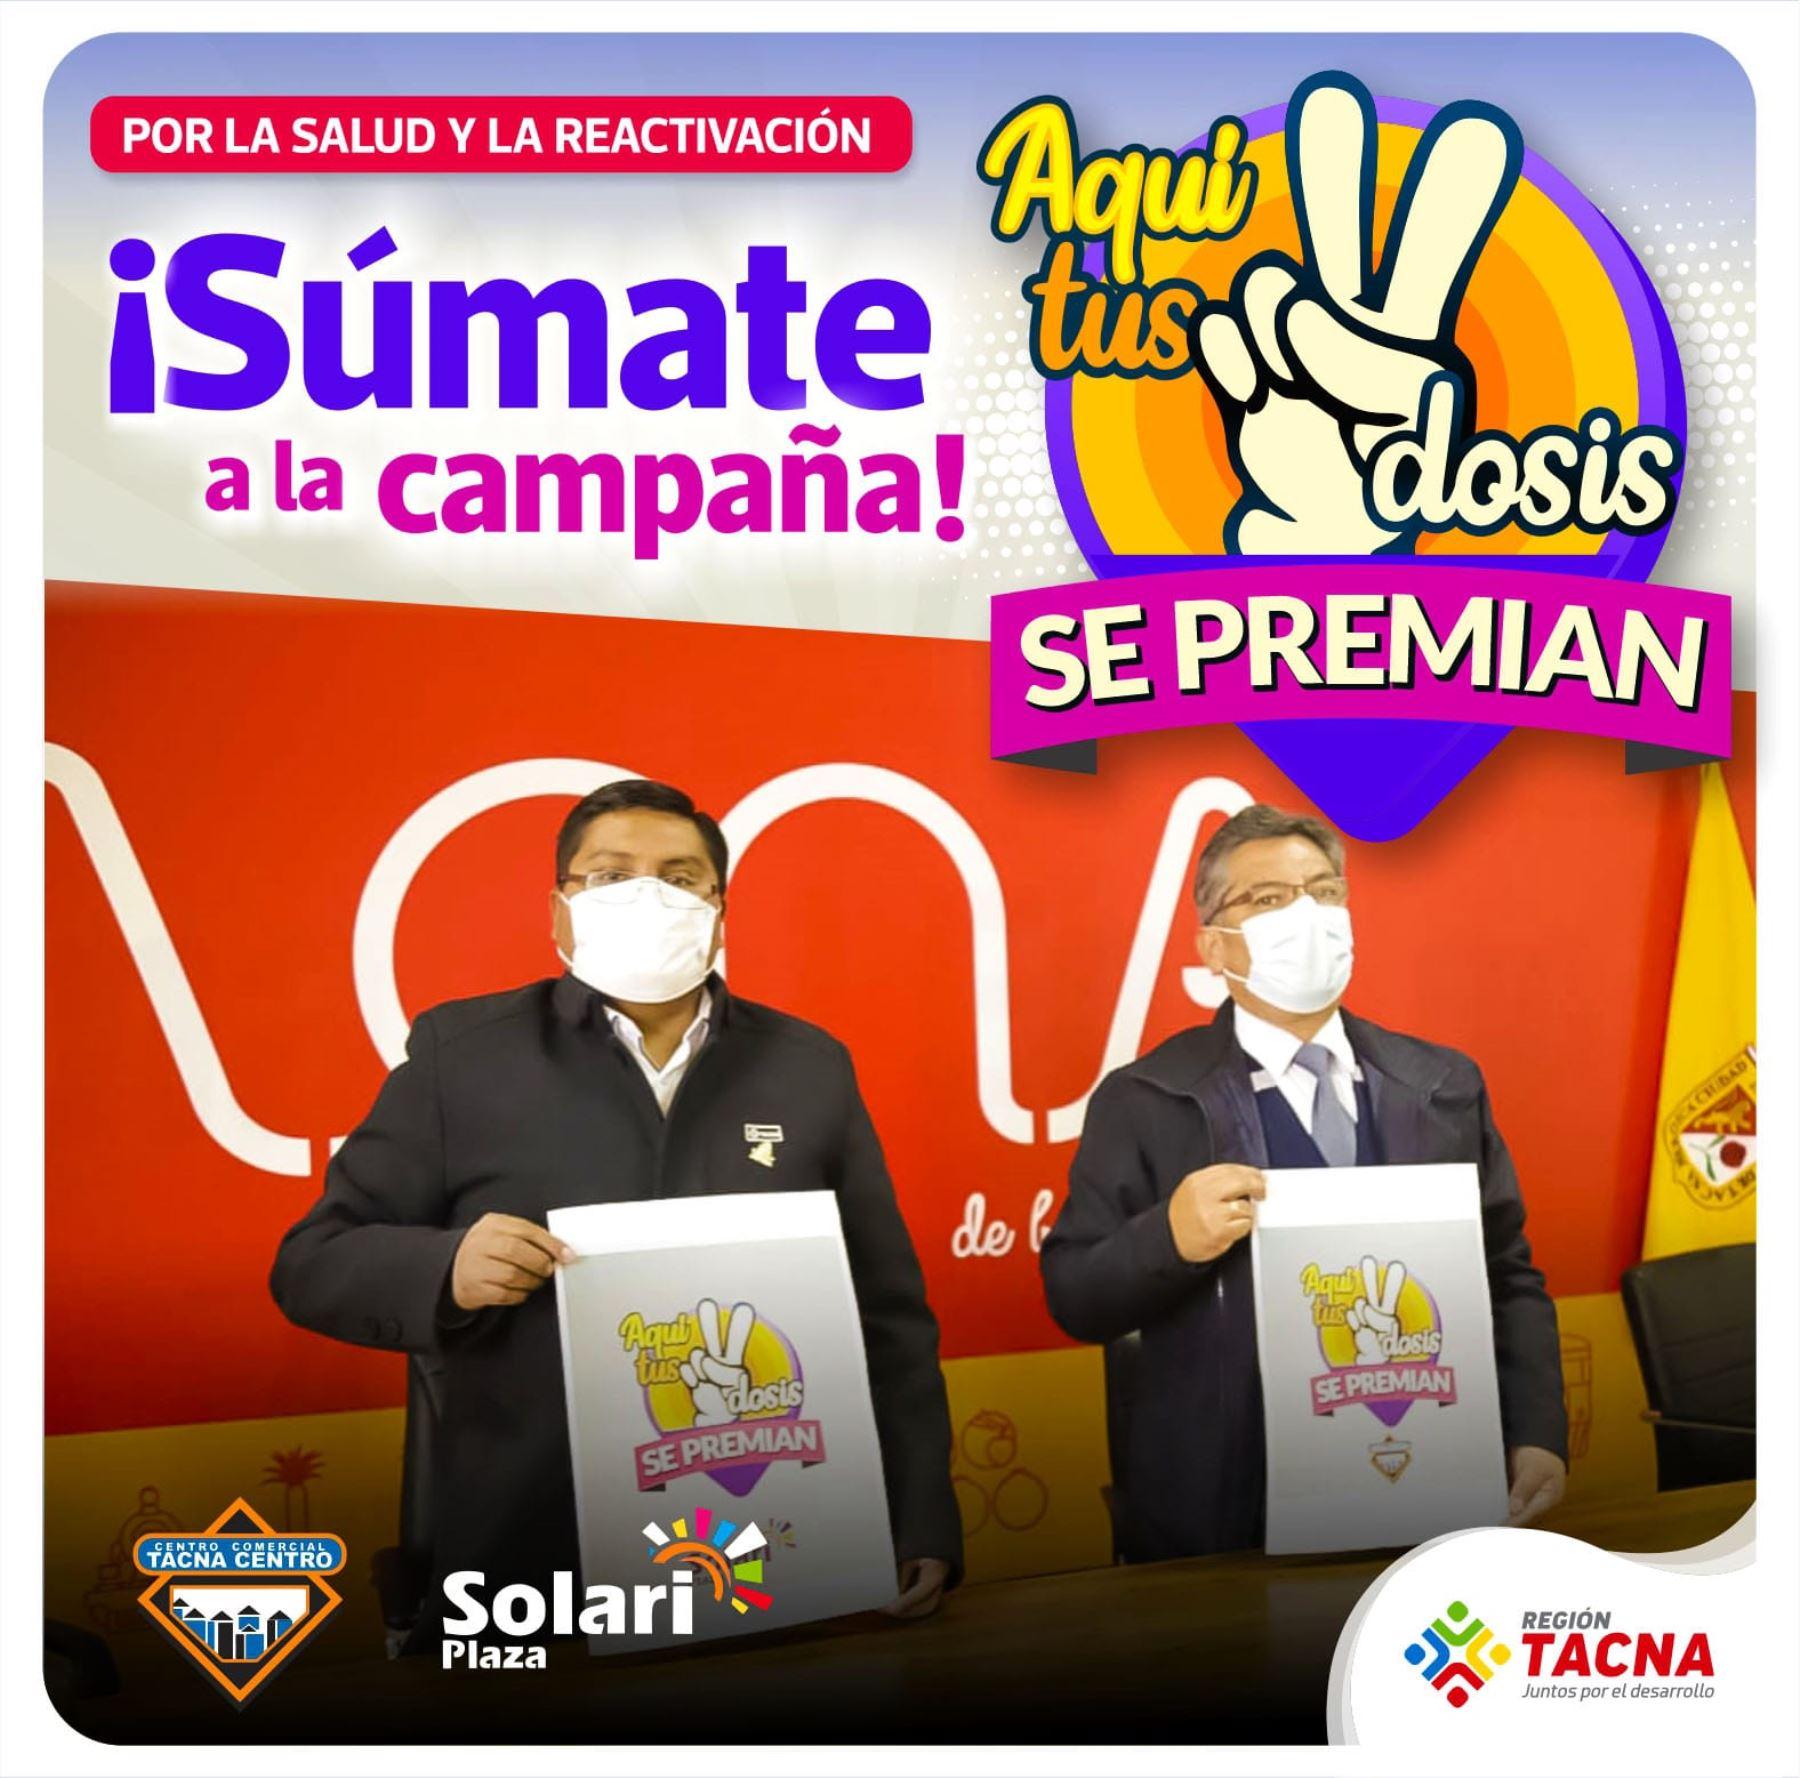 Tacna prepara descuentos y regalos para estimular a ciudadanos a colocarse la segunda dosis.